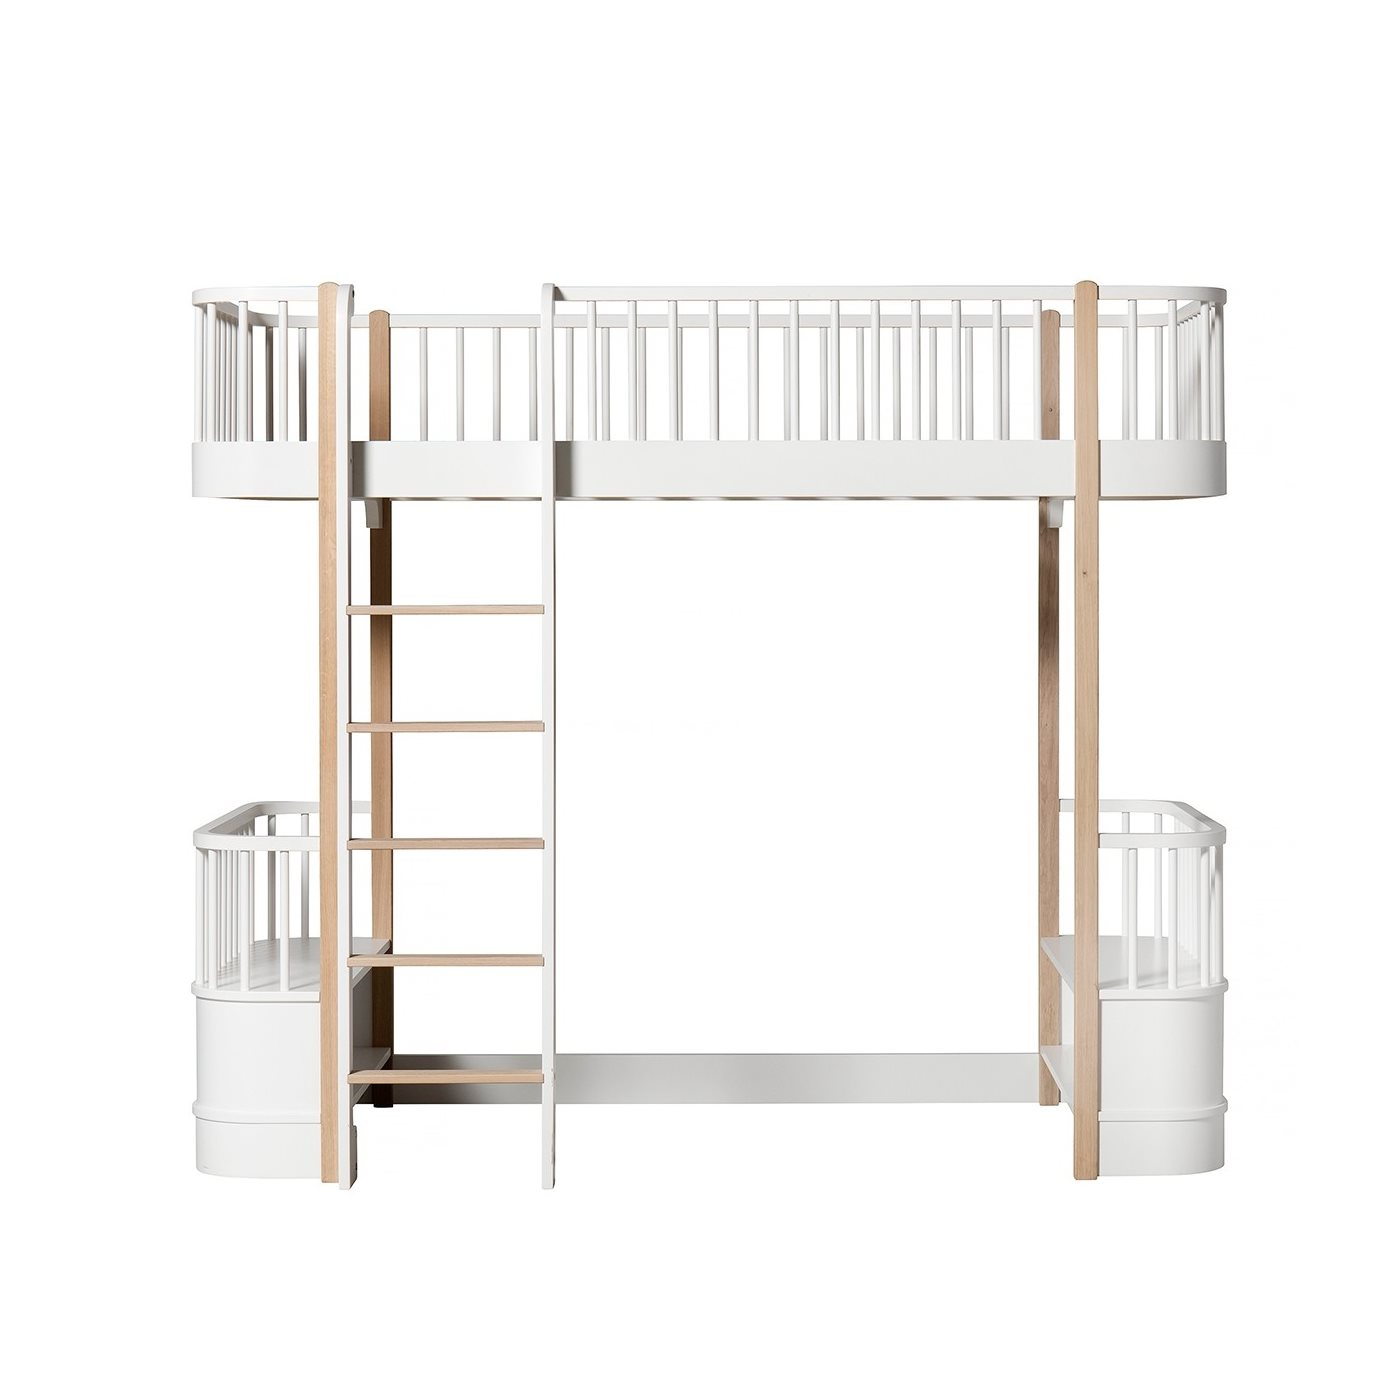 Loftsäng Wood Collection, Oliver Furniture